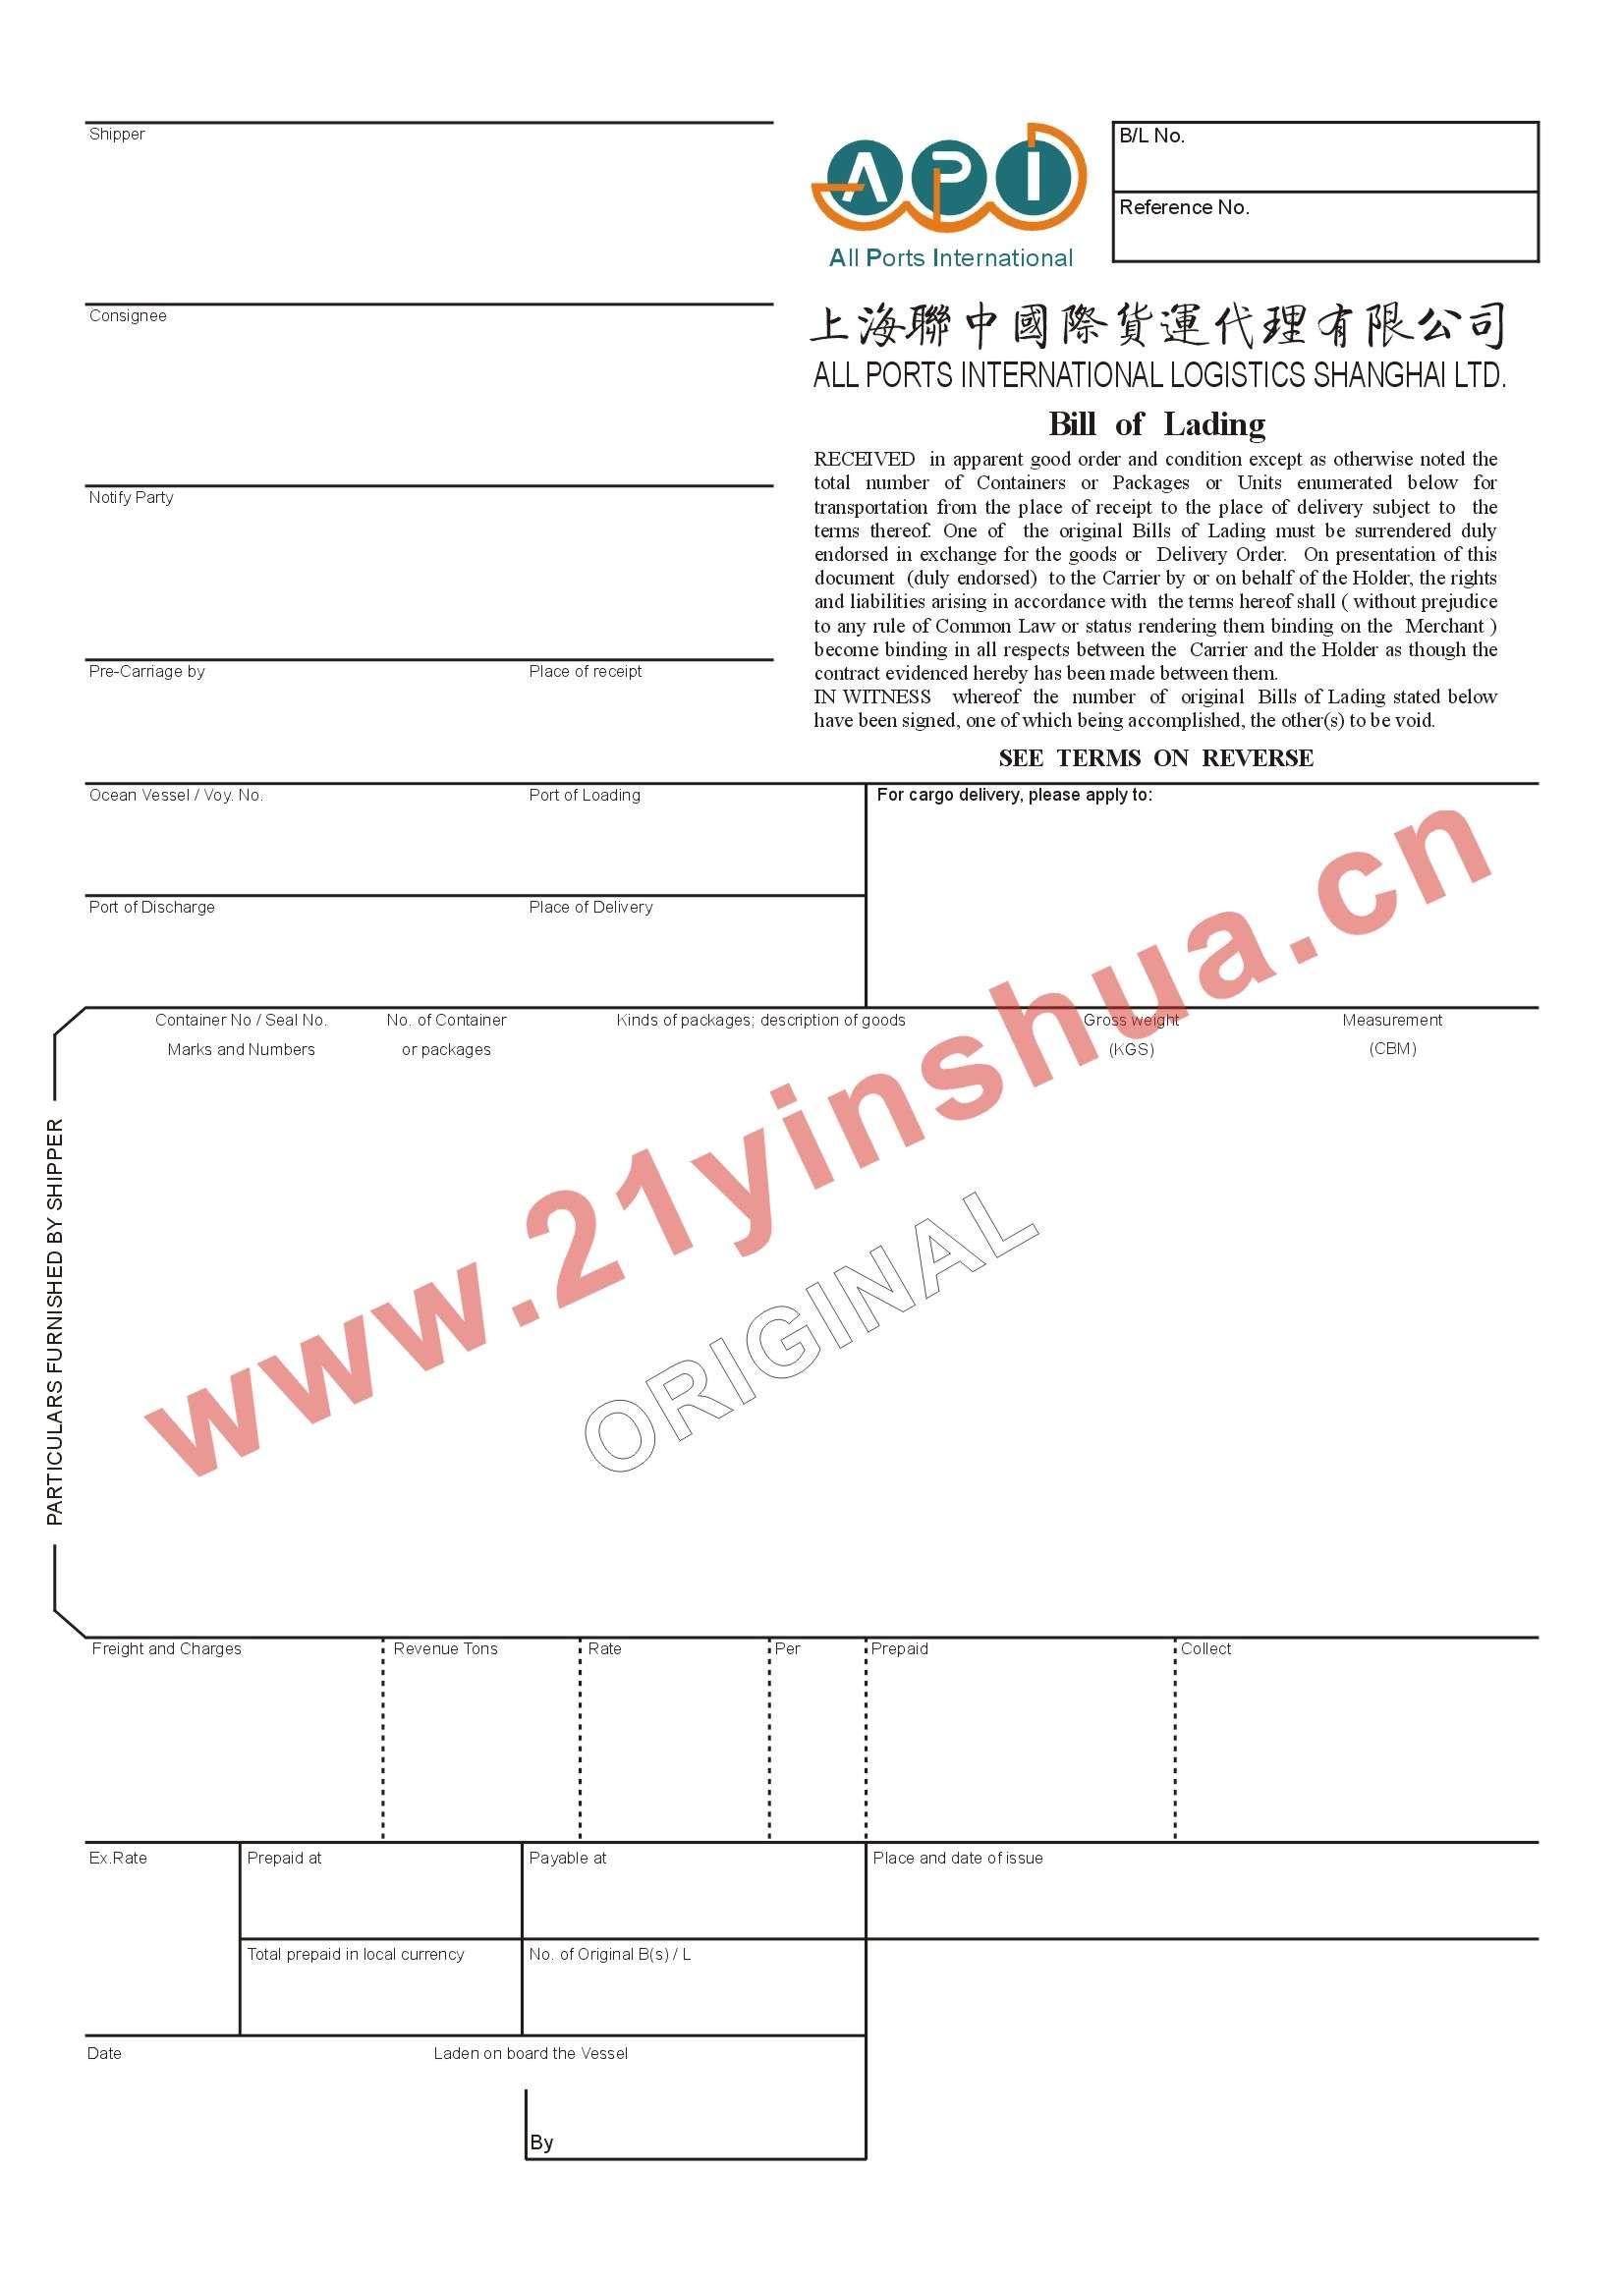 印刷定制海运提单上海联中国际货运NVOCC无船承运人提单制作成功案例